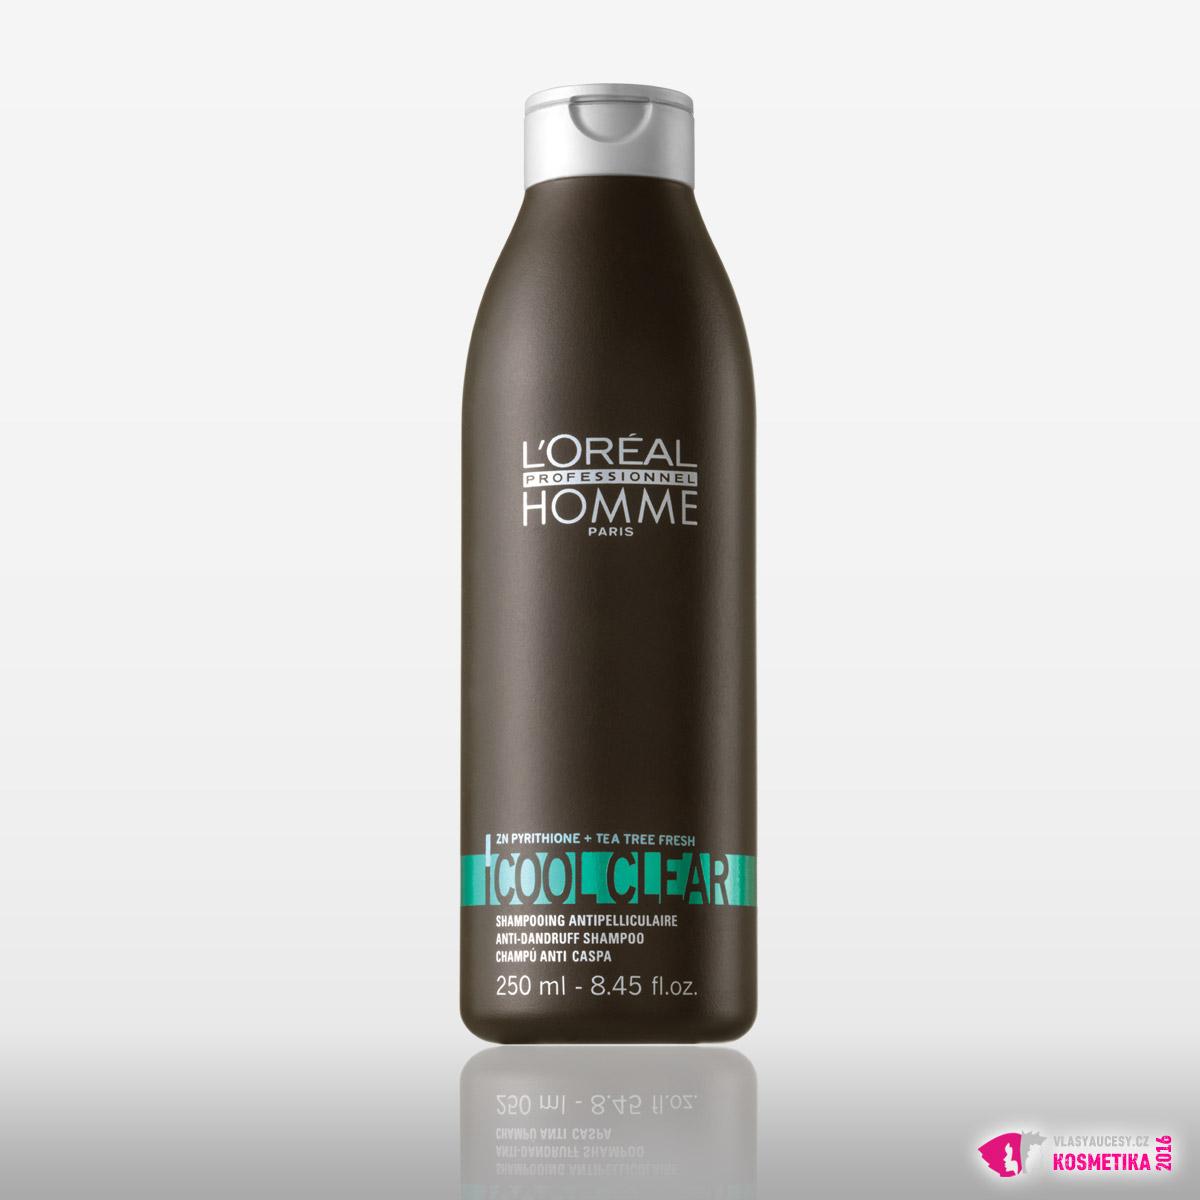 Šampon Coolclear od L'Oréal Professionnel Homme / 250ml, 249 Kč / 9,90 €